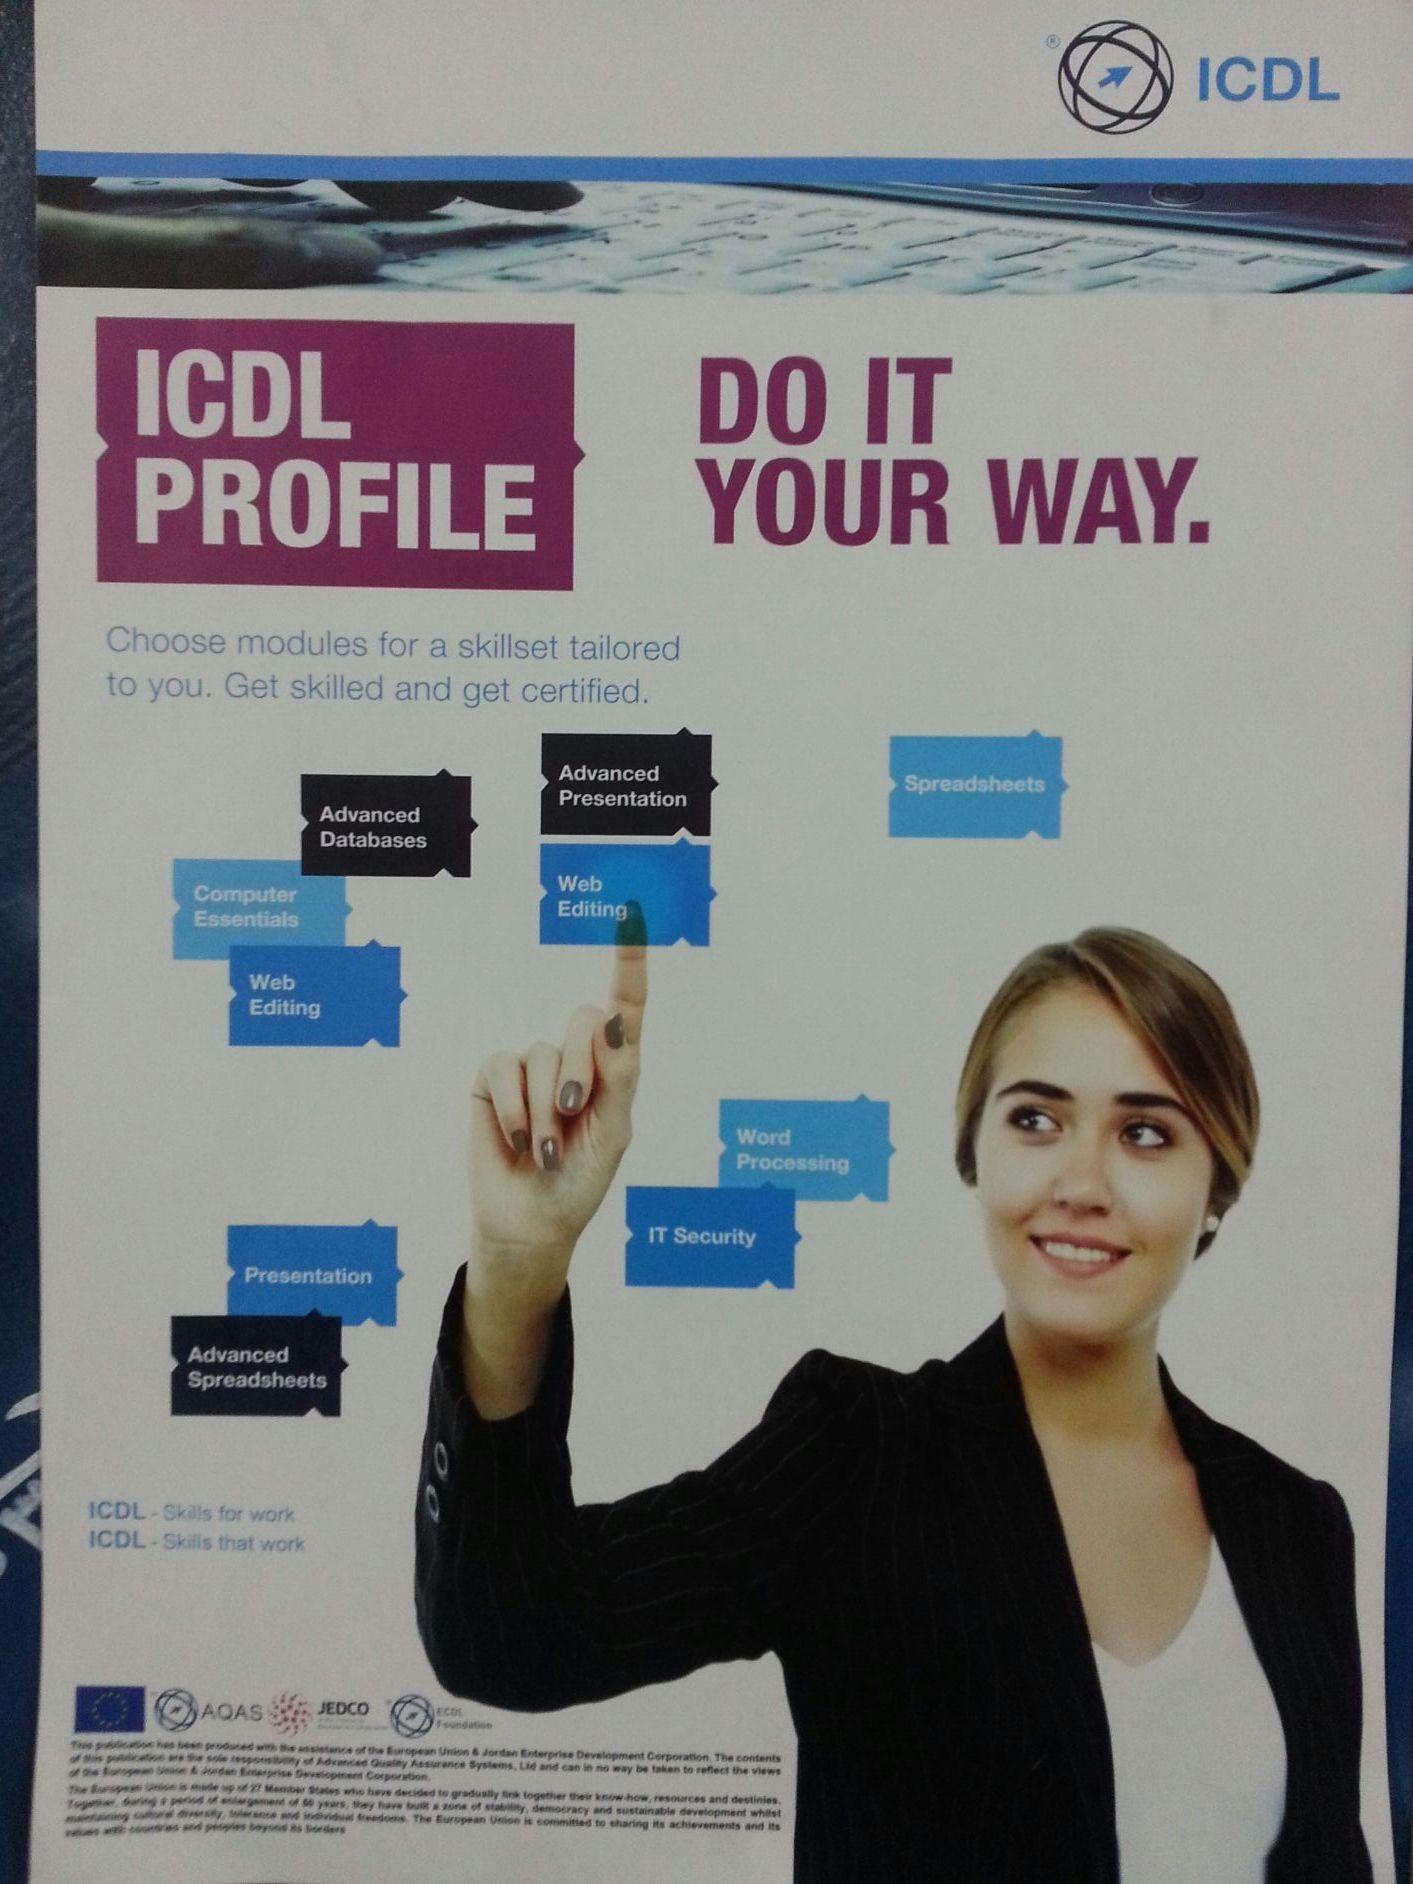 افتتاح دورات ICDL ( الرخصة الدولية لقيادة الحاسوب)